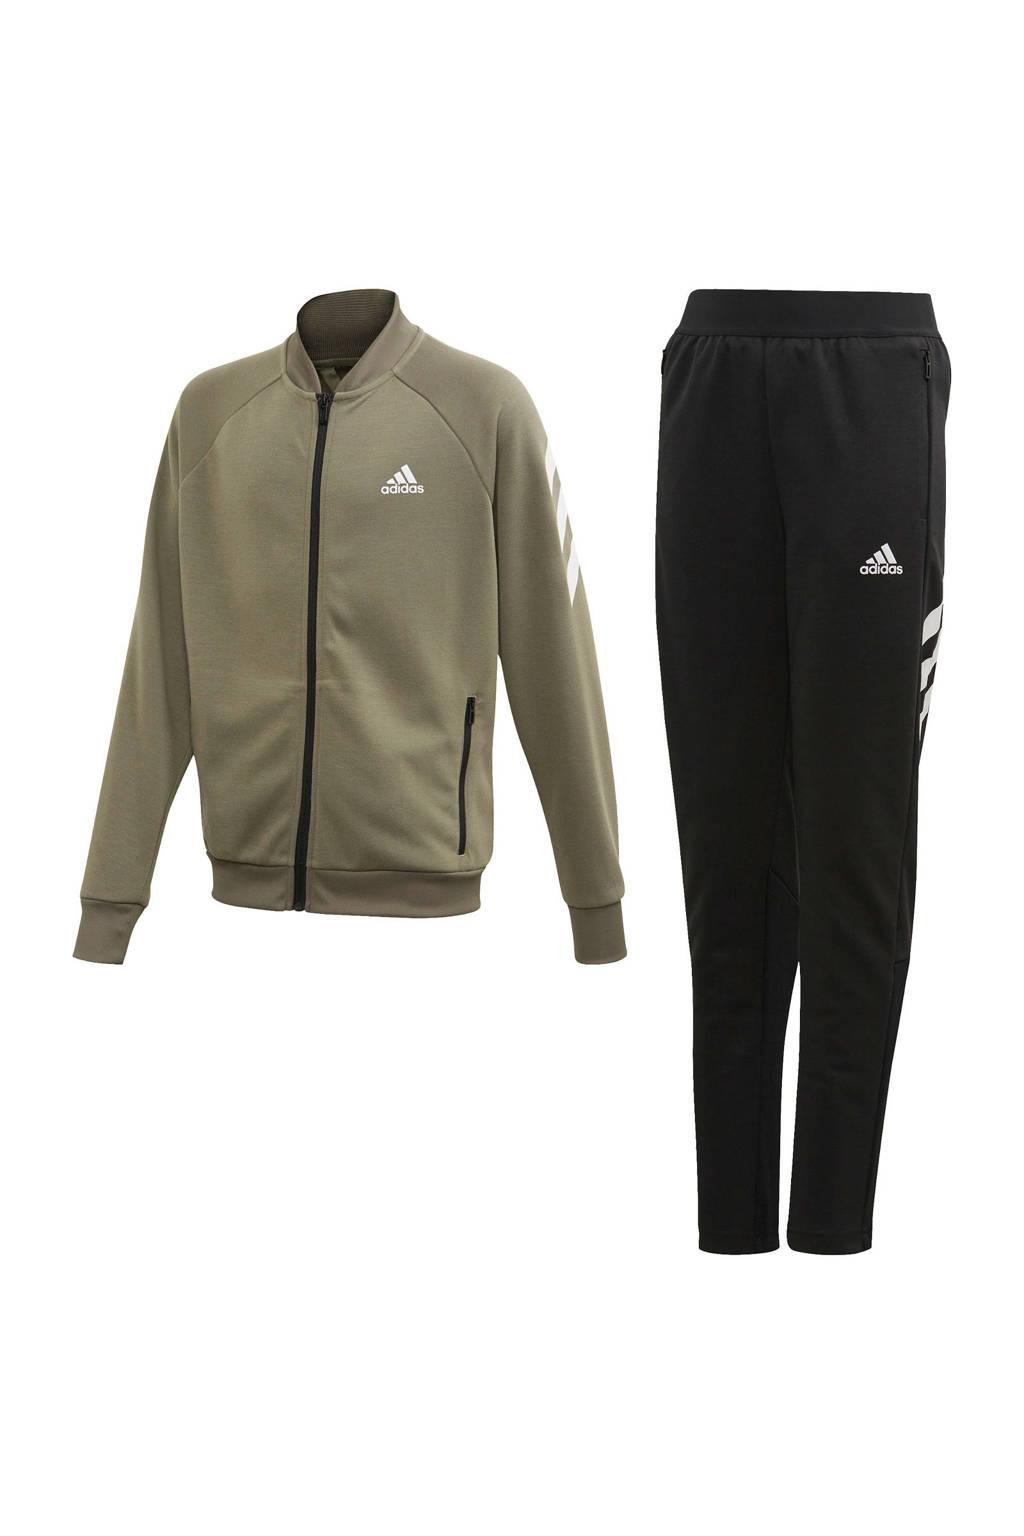 adidas   trainingspak kaki/zwart, Kaki